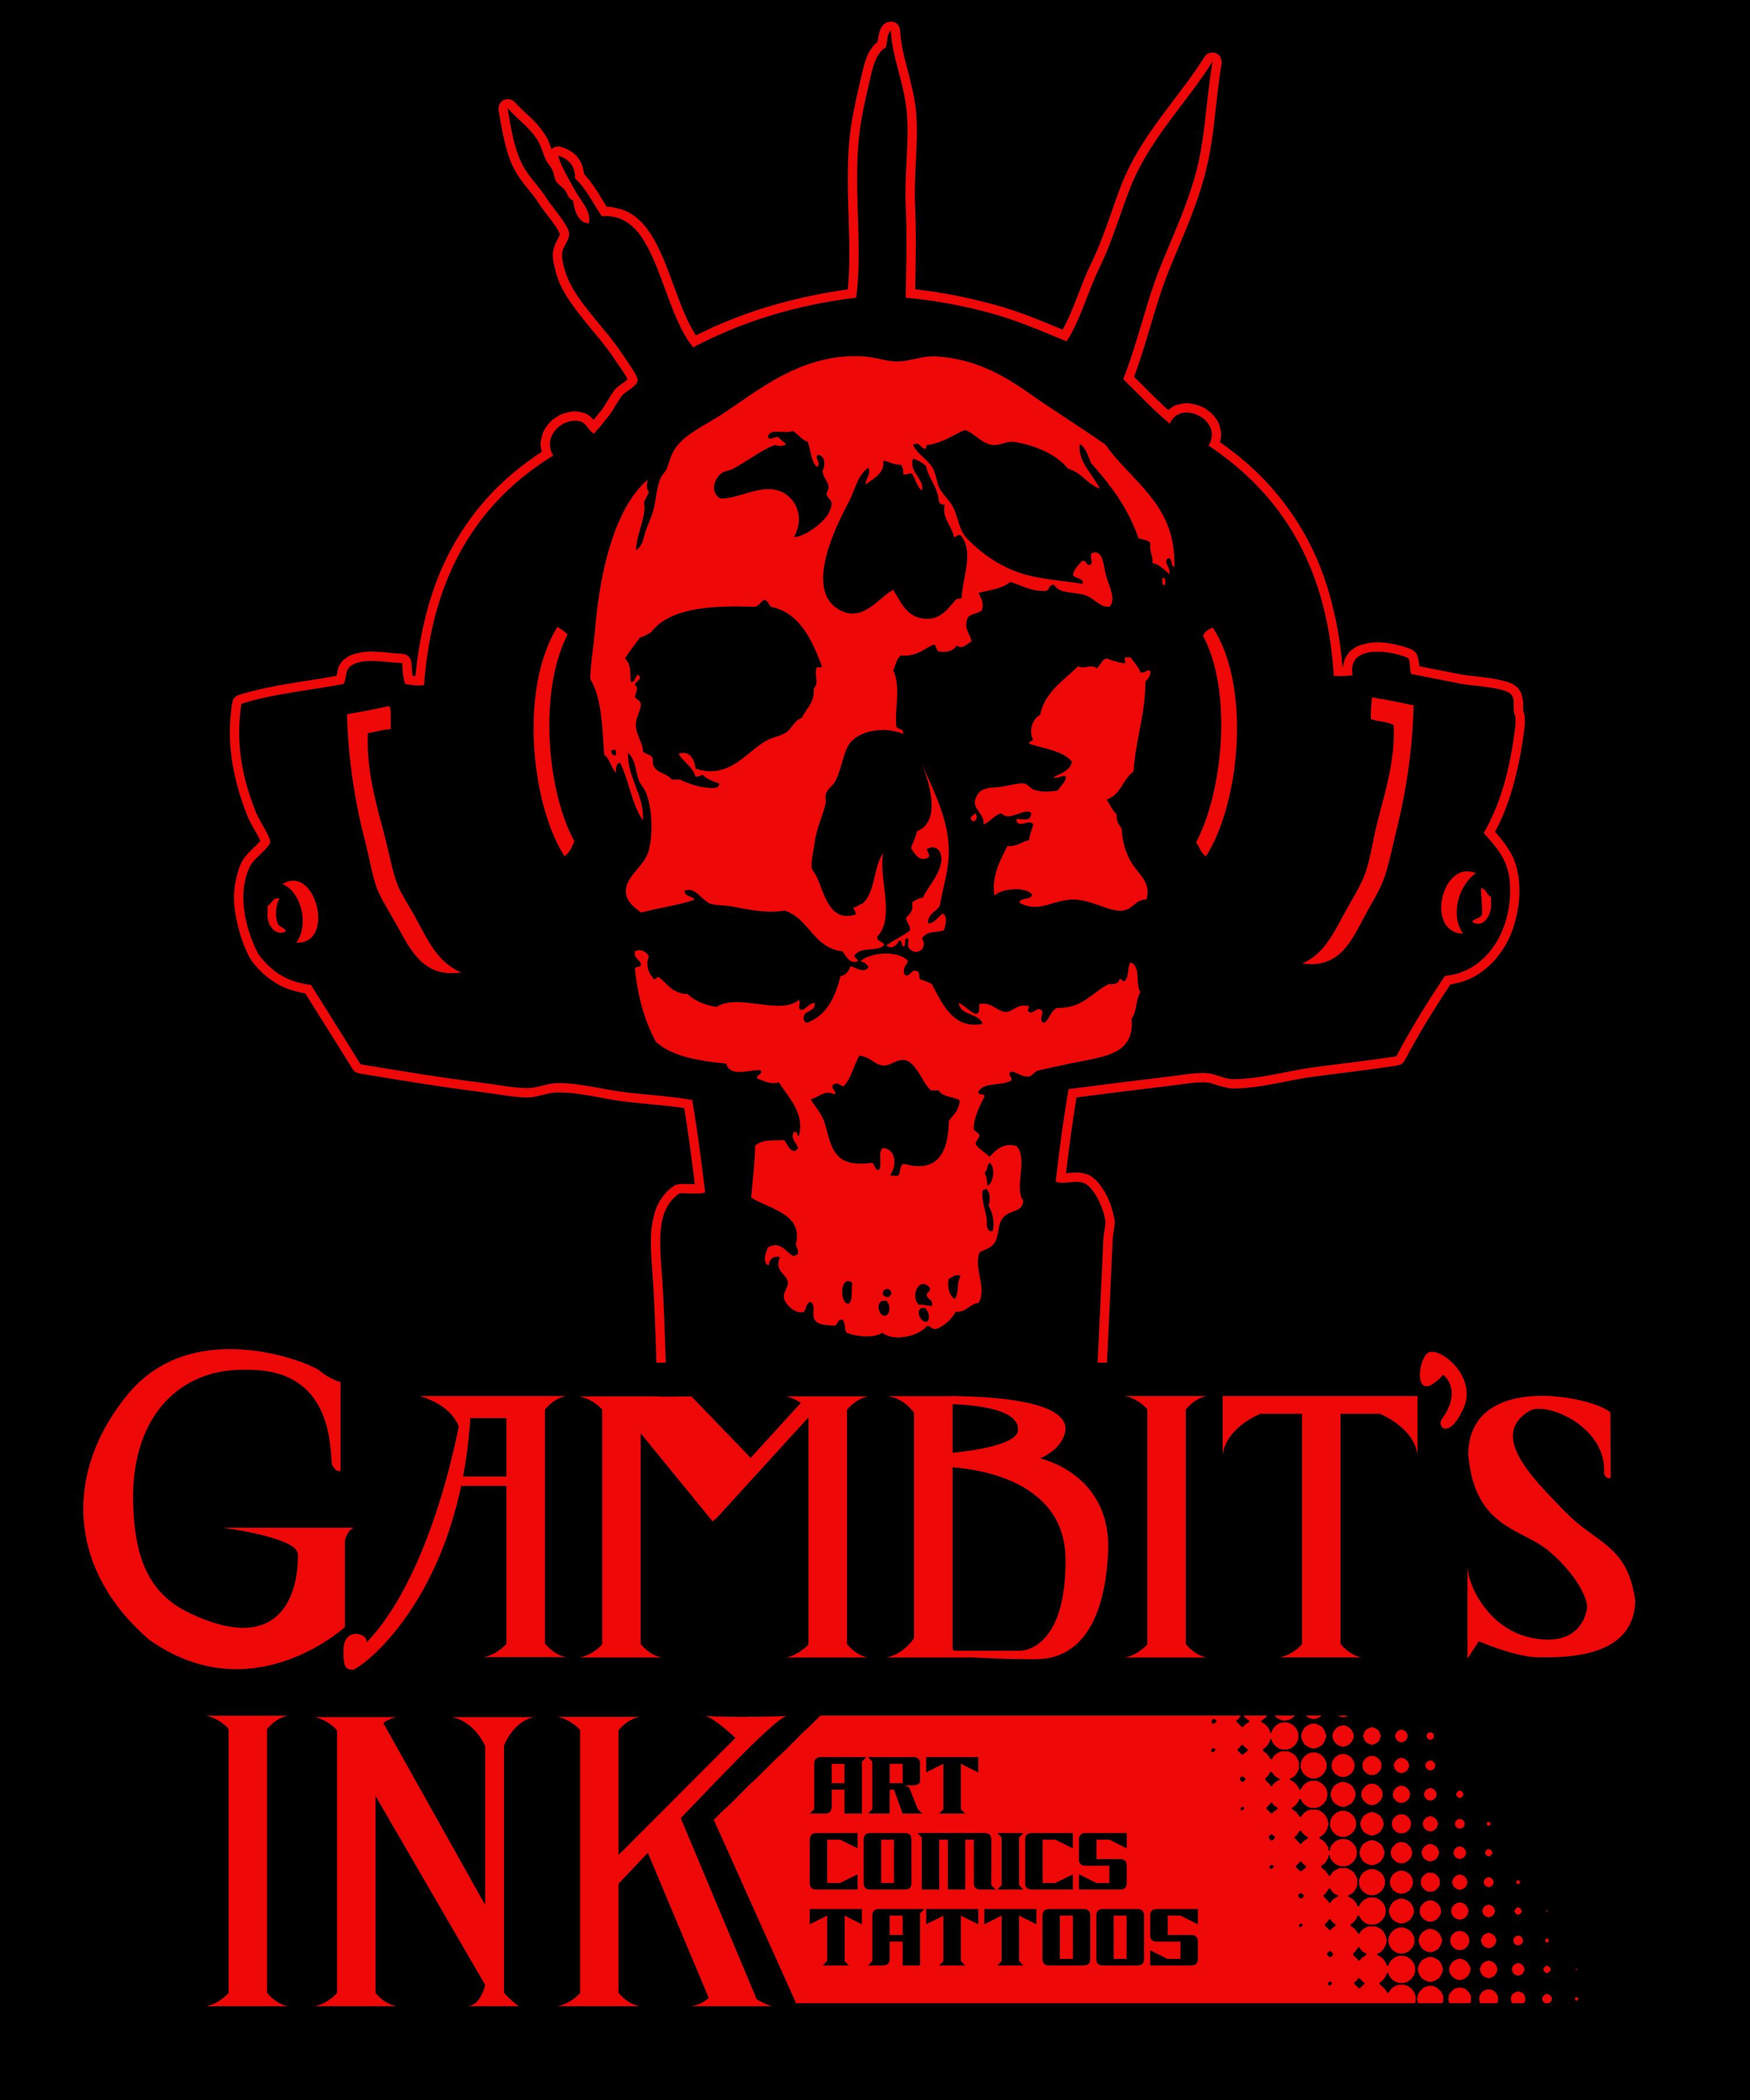 Gambit's Ink